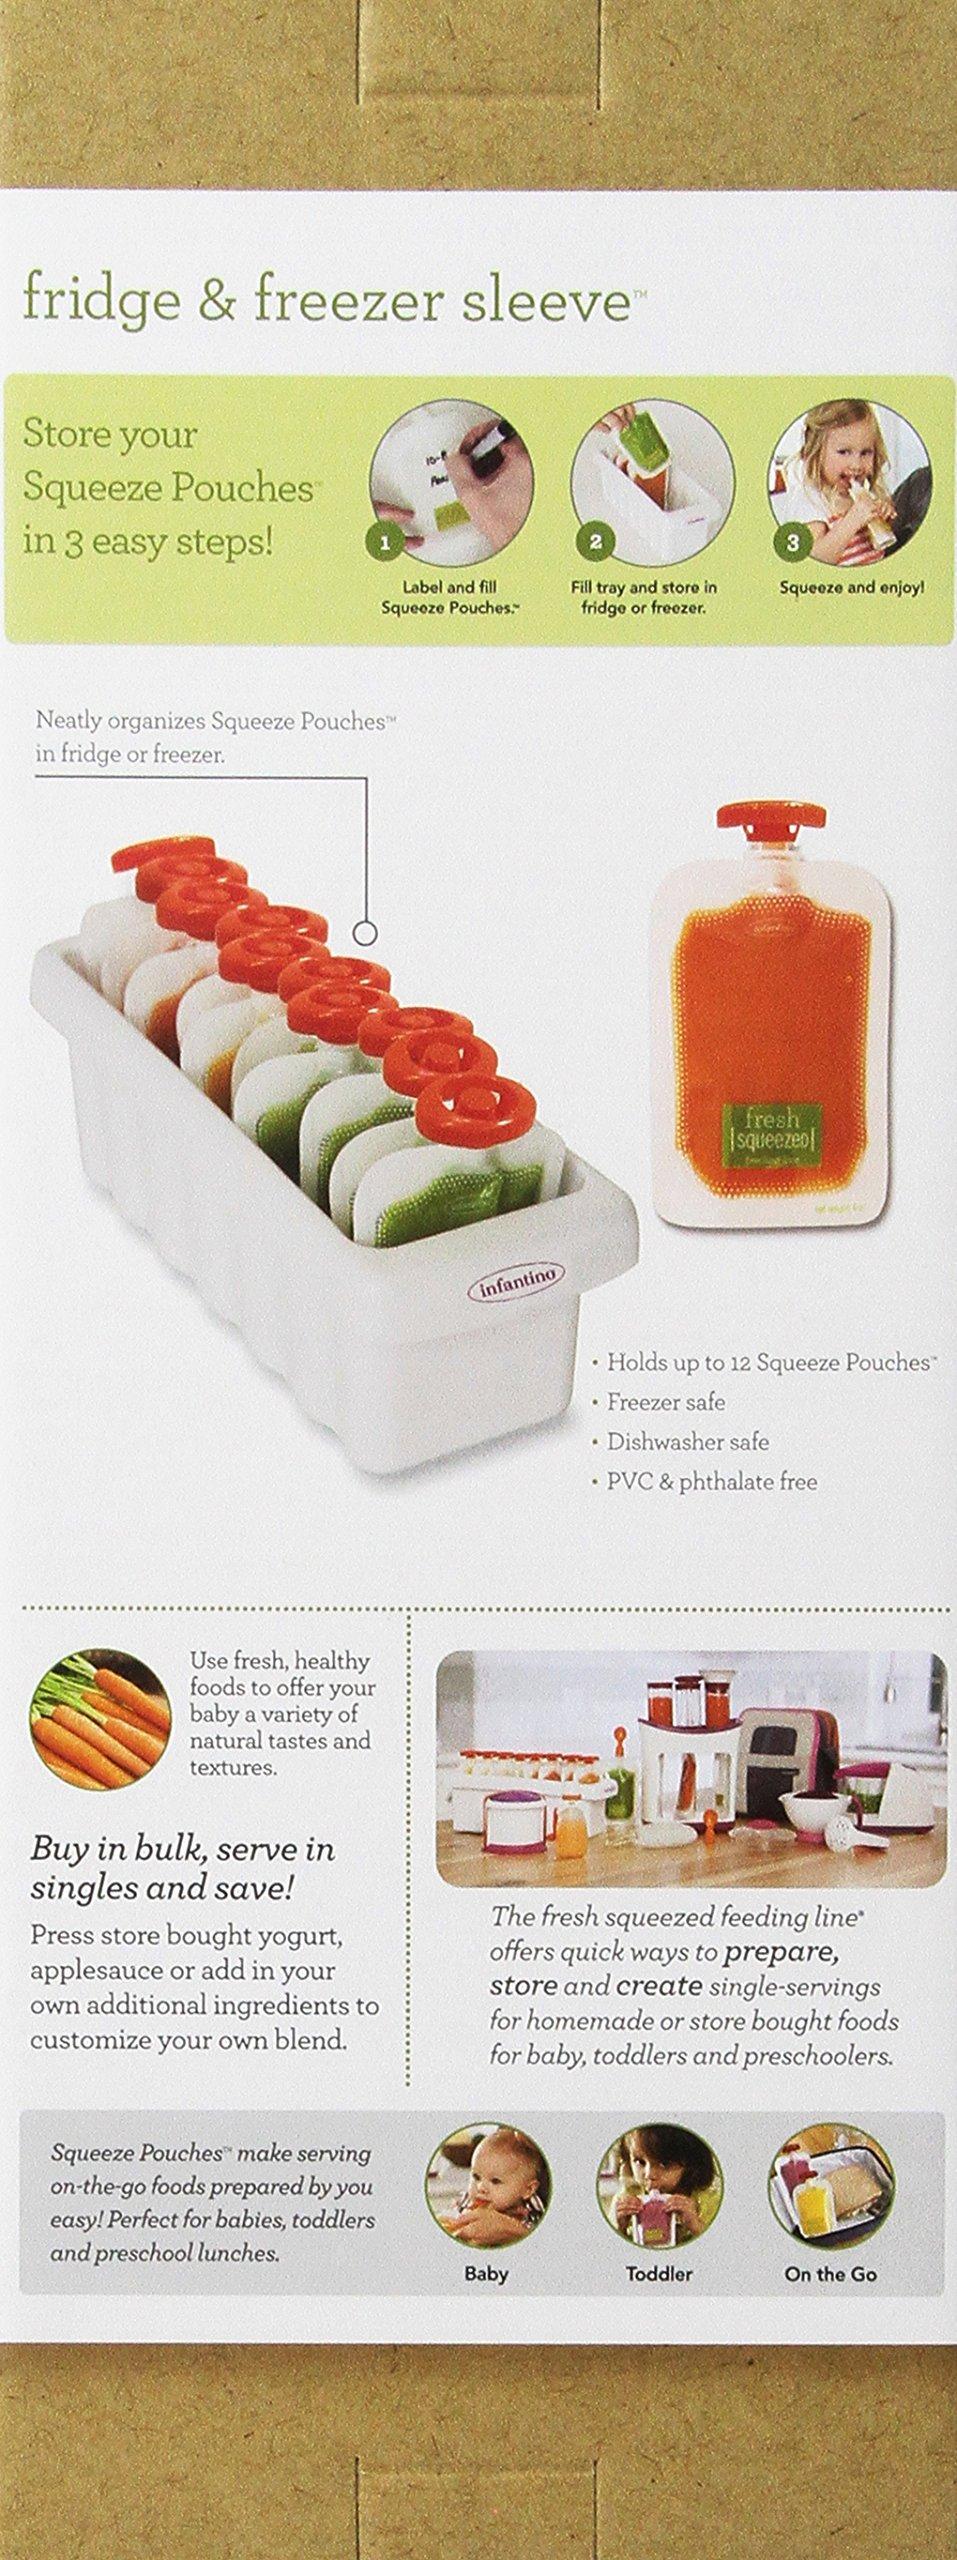 Infantino Freezer Sleeve by Infantino (Image #4)